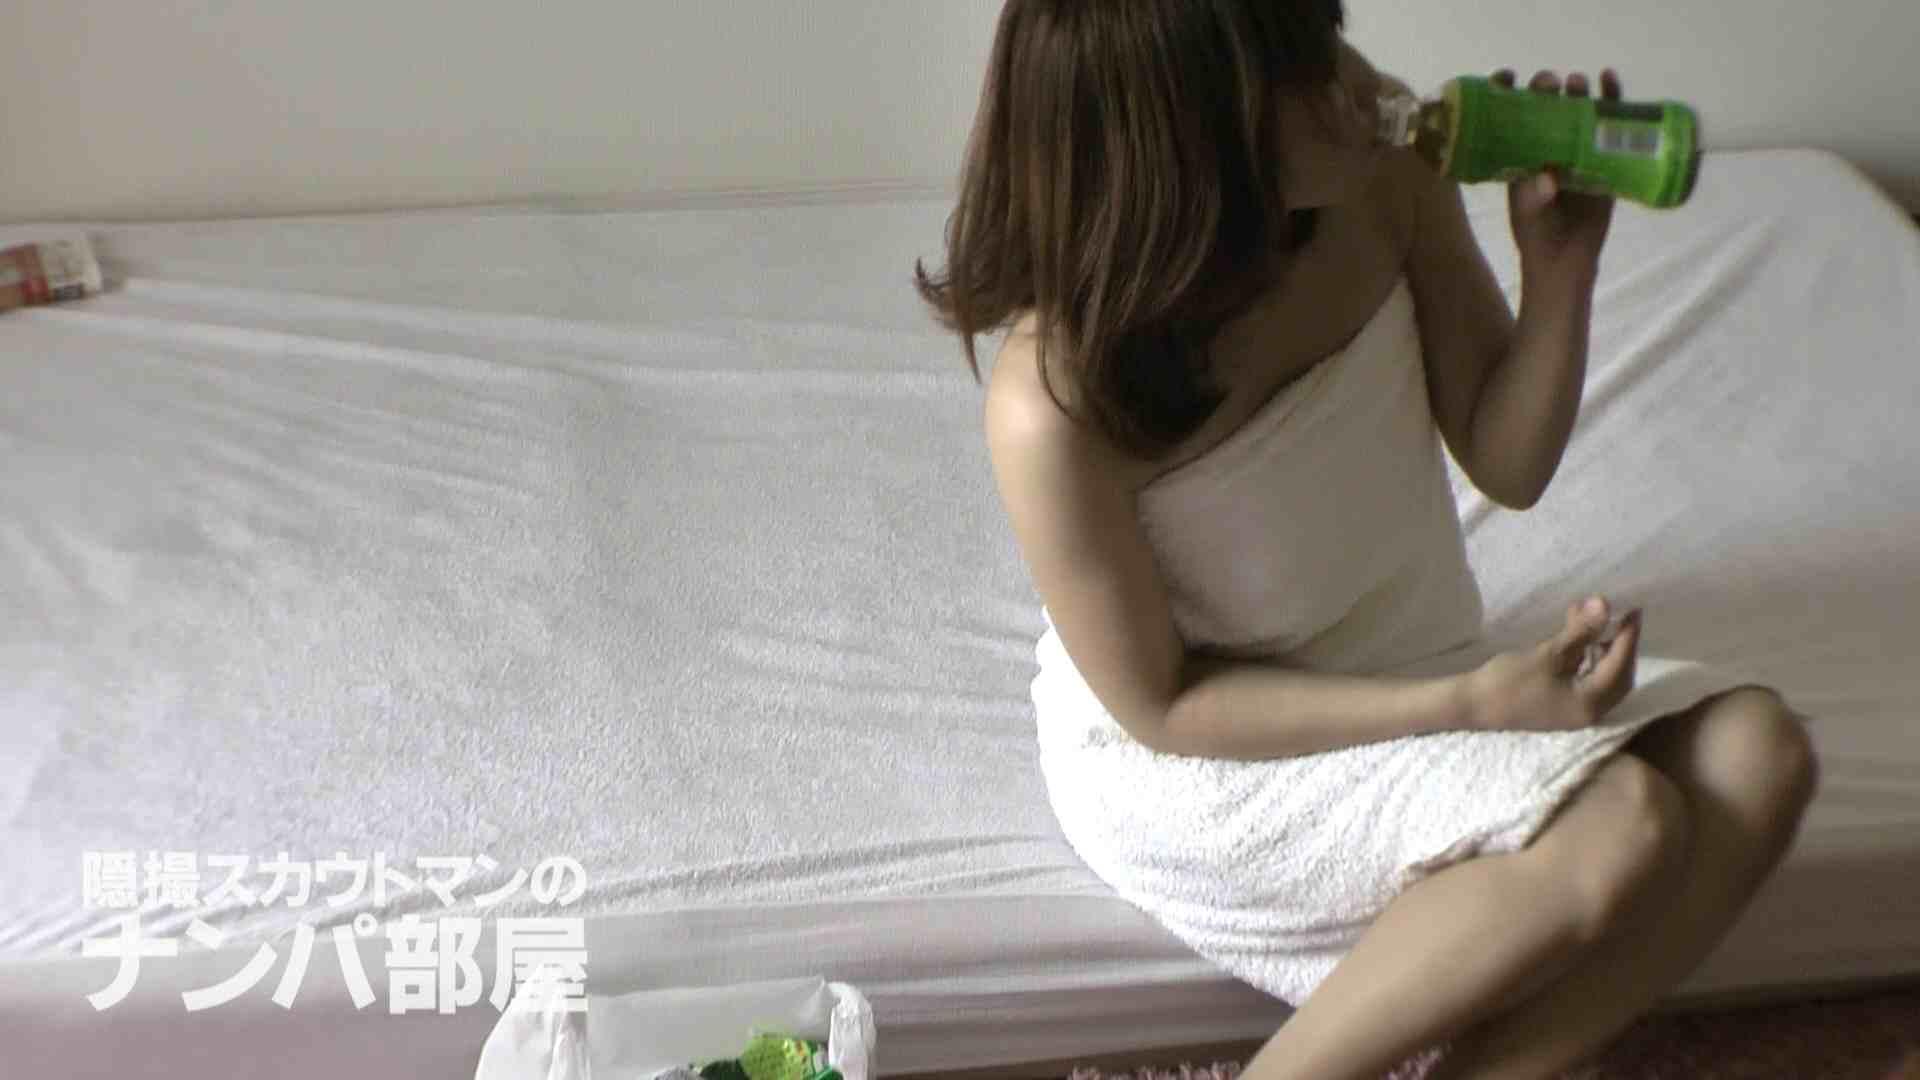 隠撮スカウトマンのナンパ部屋~風俗デビュー前のつまみ食い~ sii 0   0  104画像 54